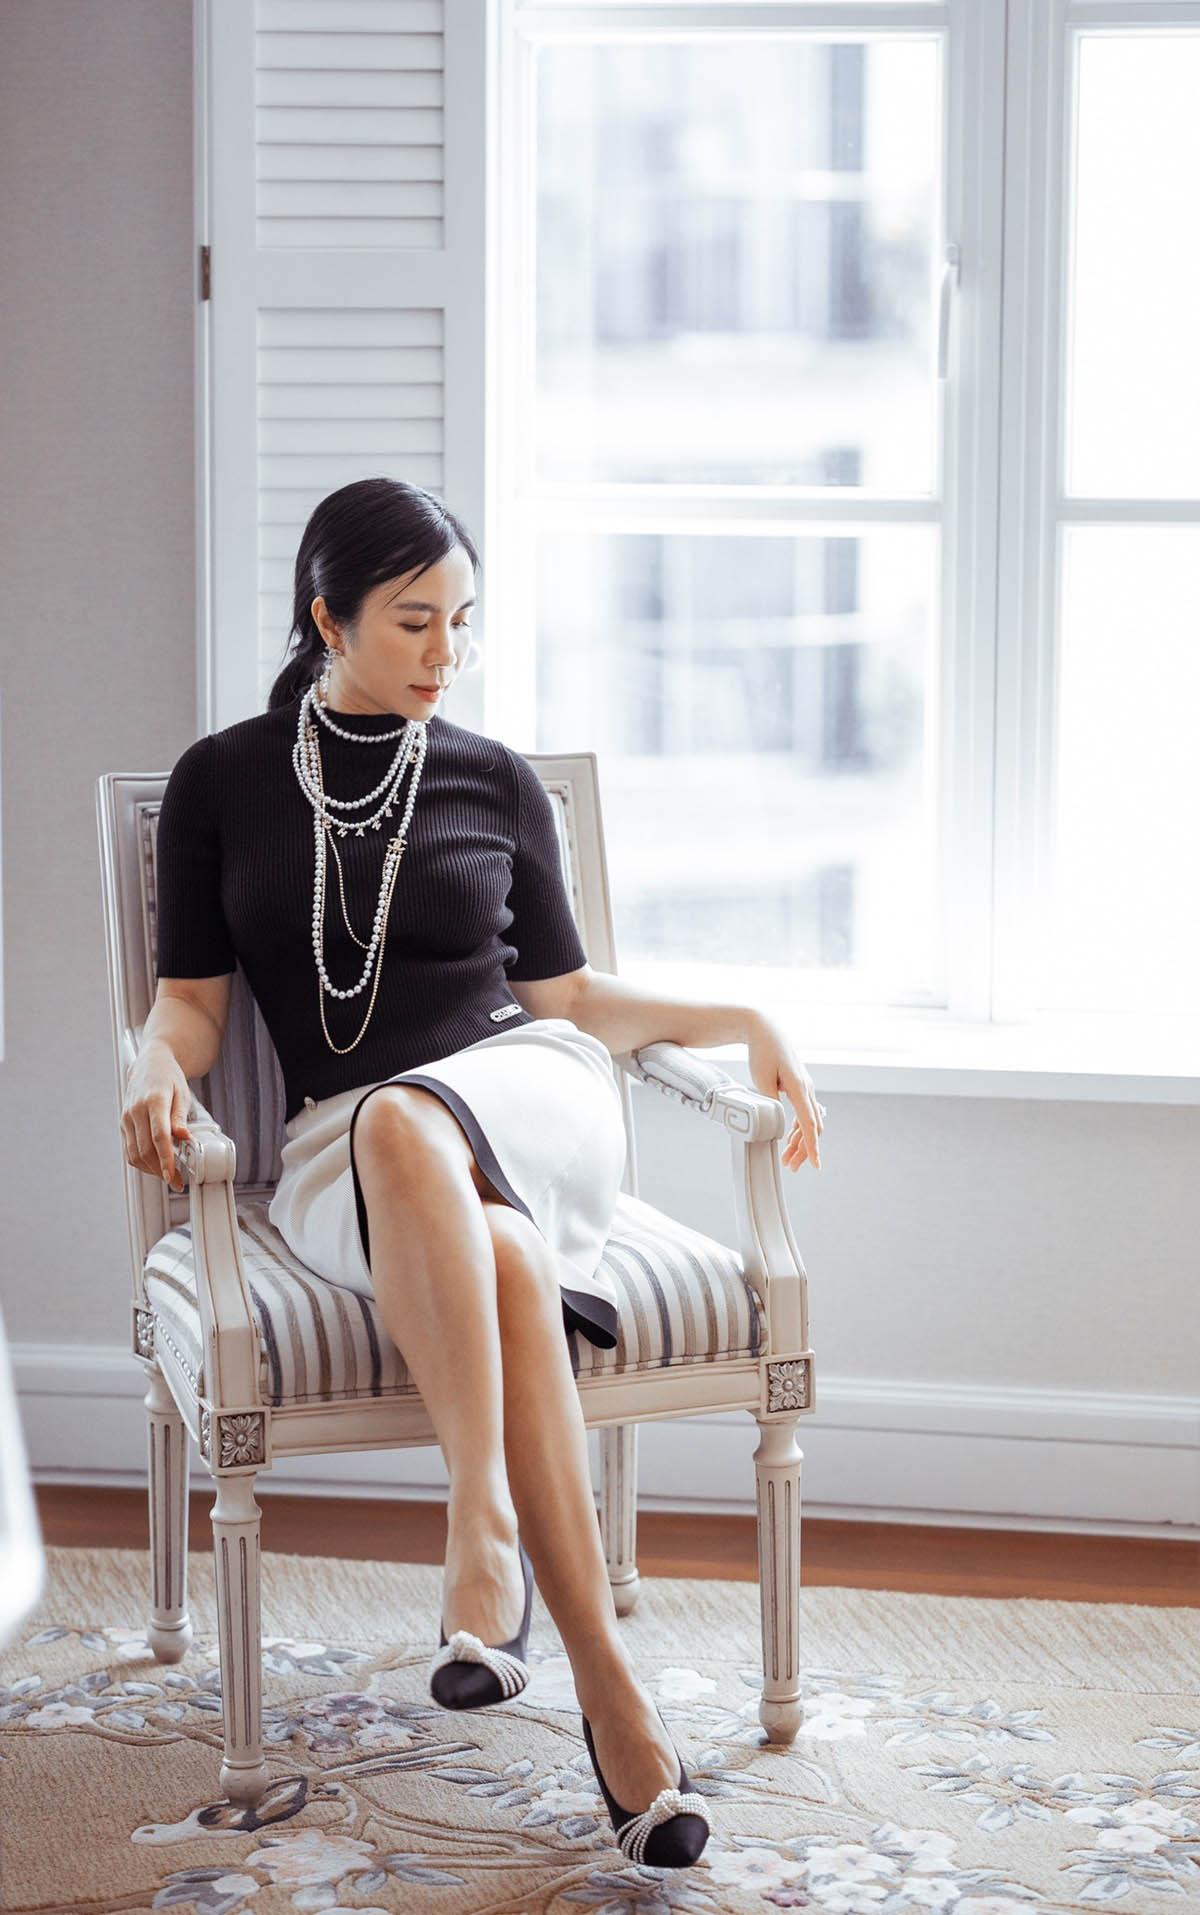 """Thú chơi hàng hiệu """"khủng"""" của fashionista Lưu Nga - hình ảnh 1"""